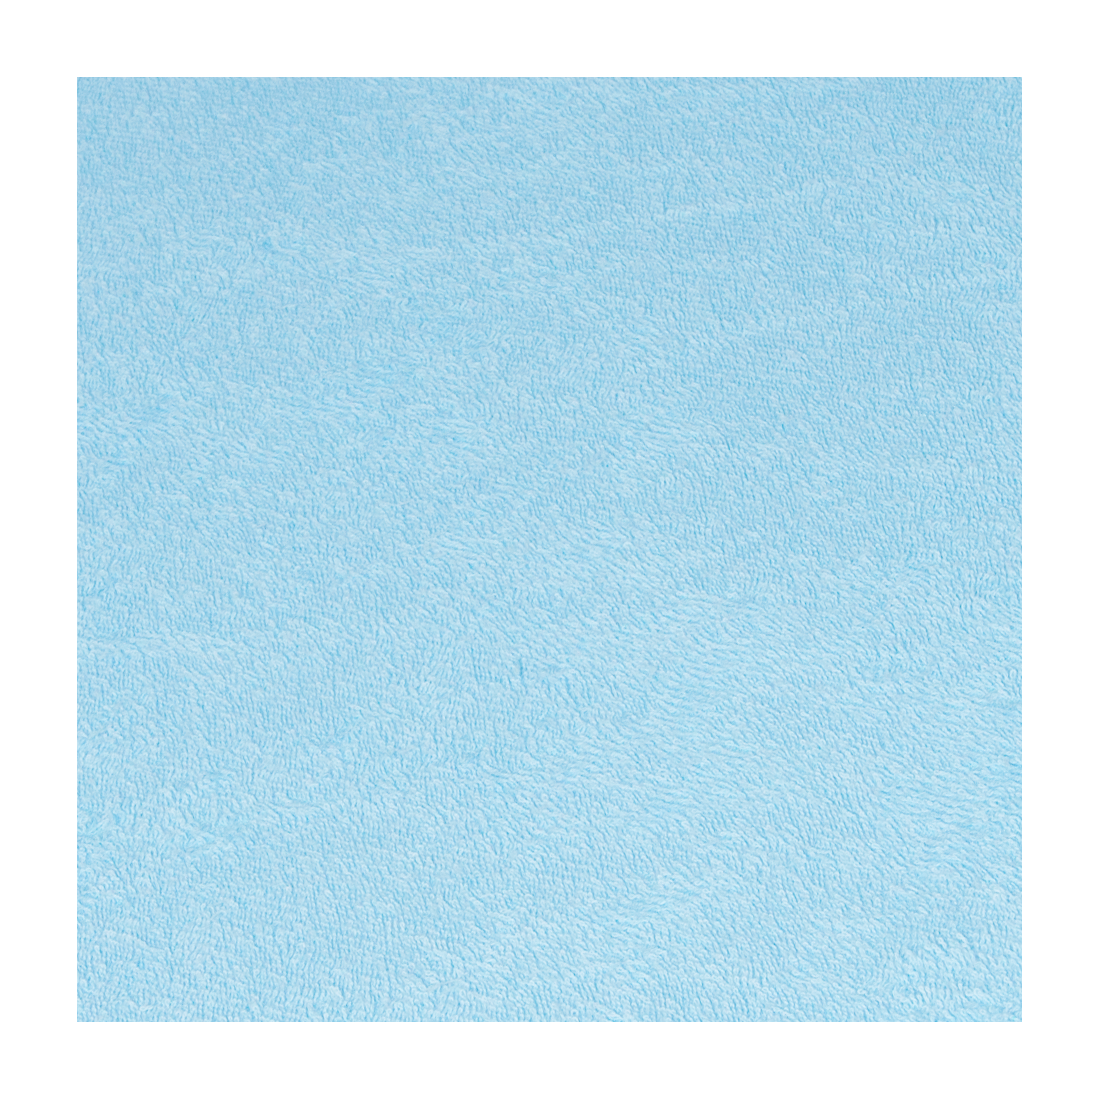 NP froté Válec 13x50 M, modrá